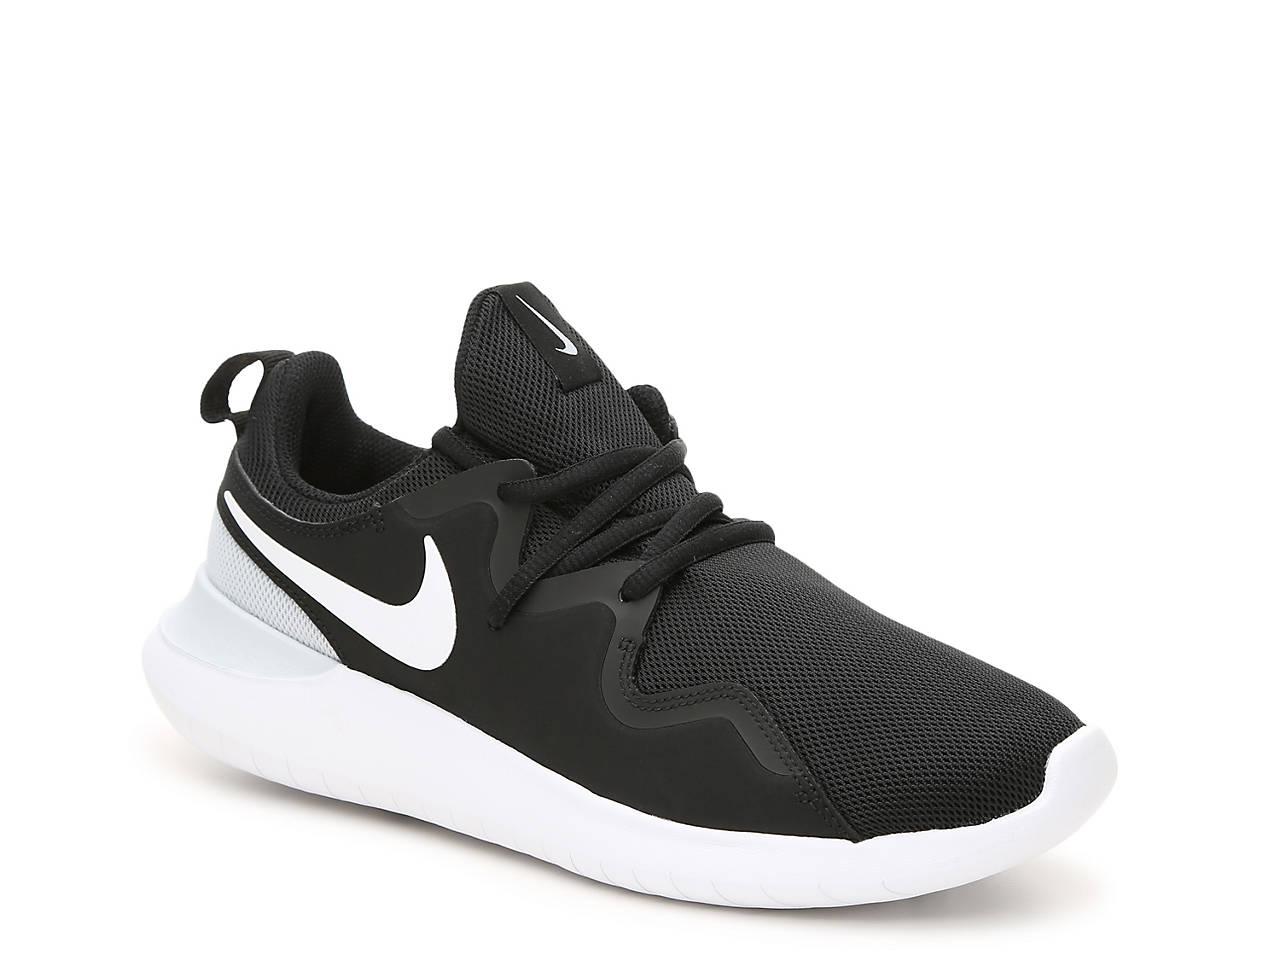 375ae0ef4 Nike Tessen Sneaker - Women's Women's Shoes | DSW